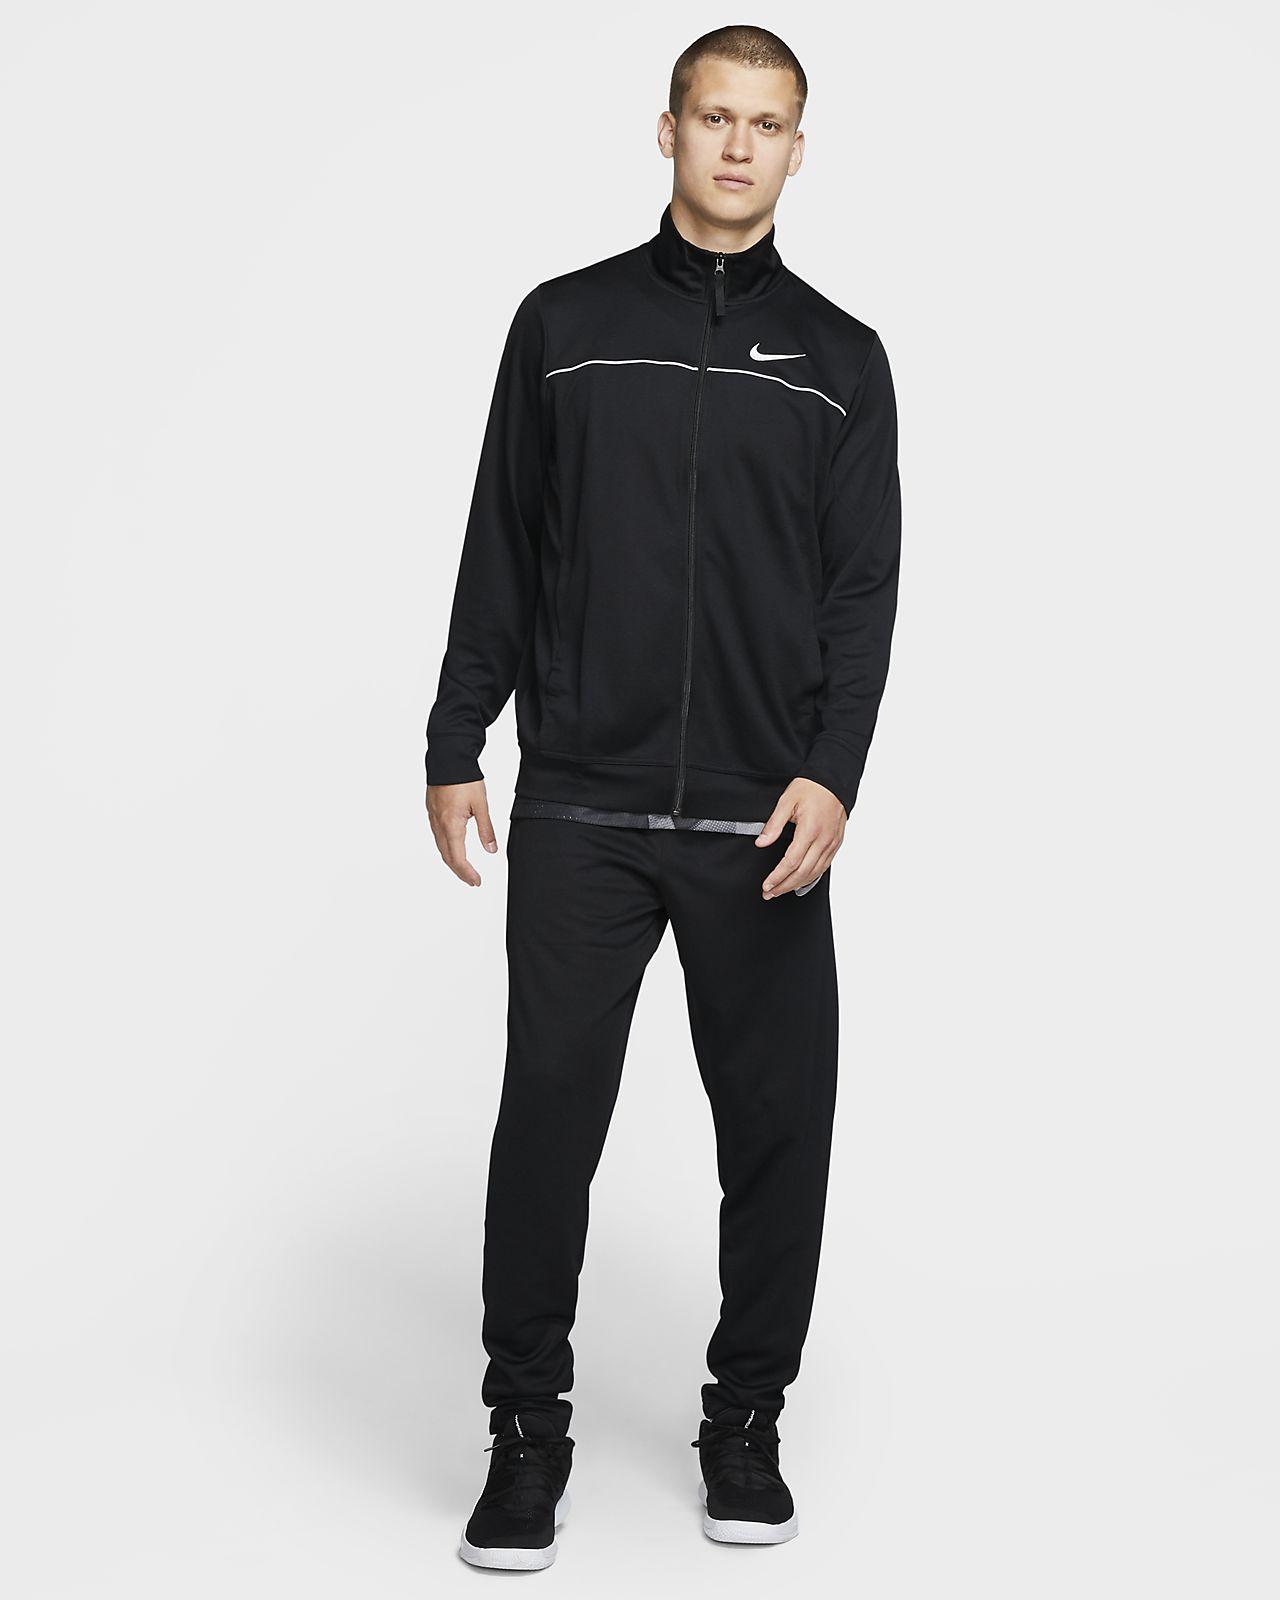 Tuta da basket Nike Rivarly - Uomo